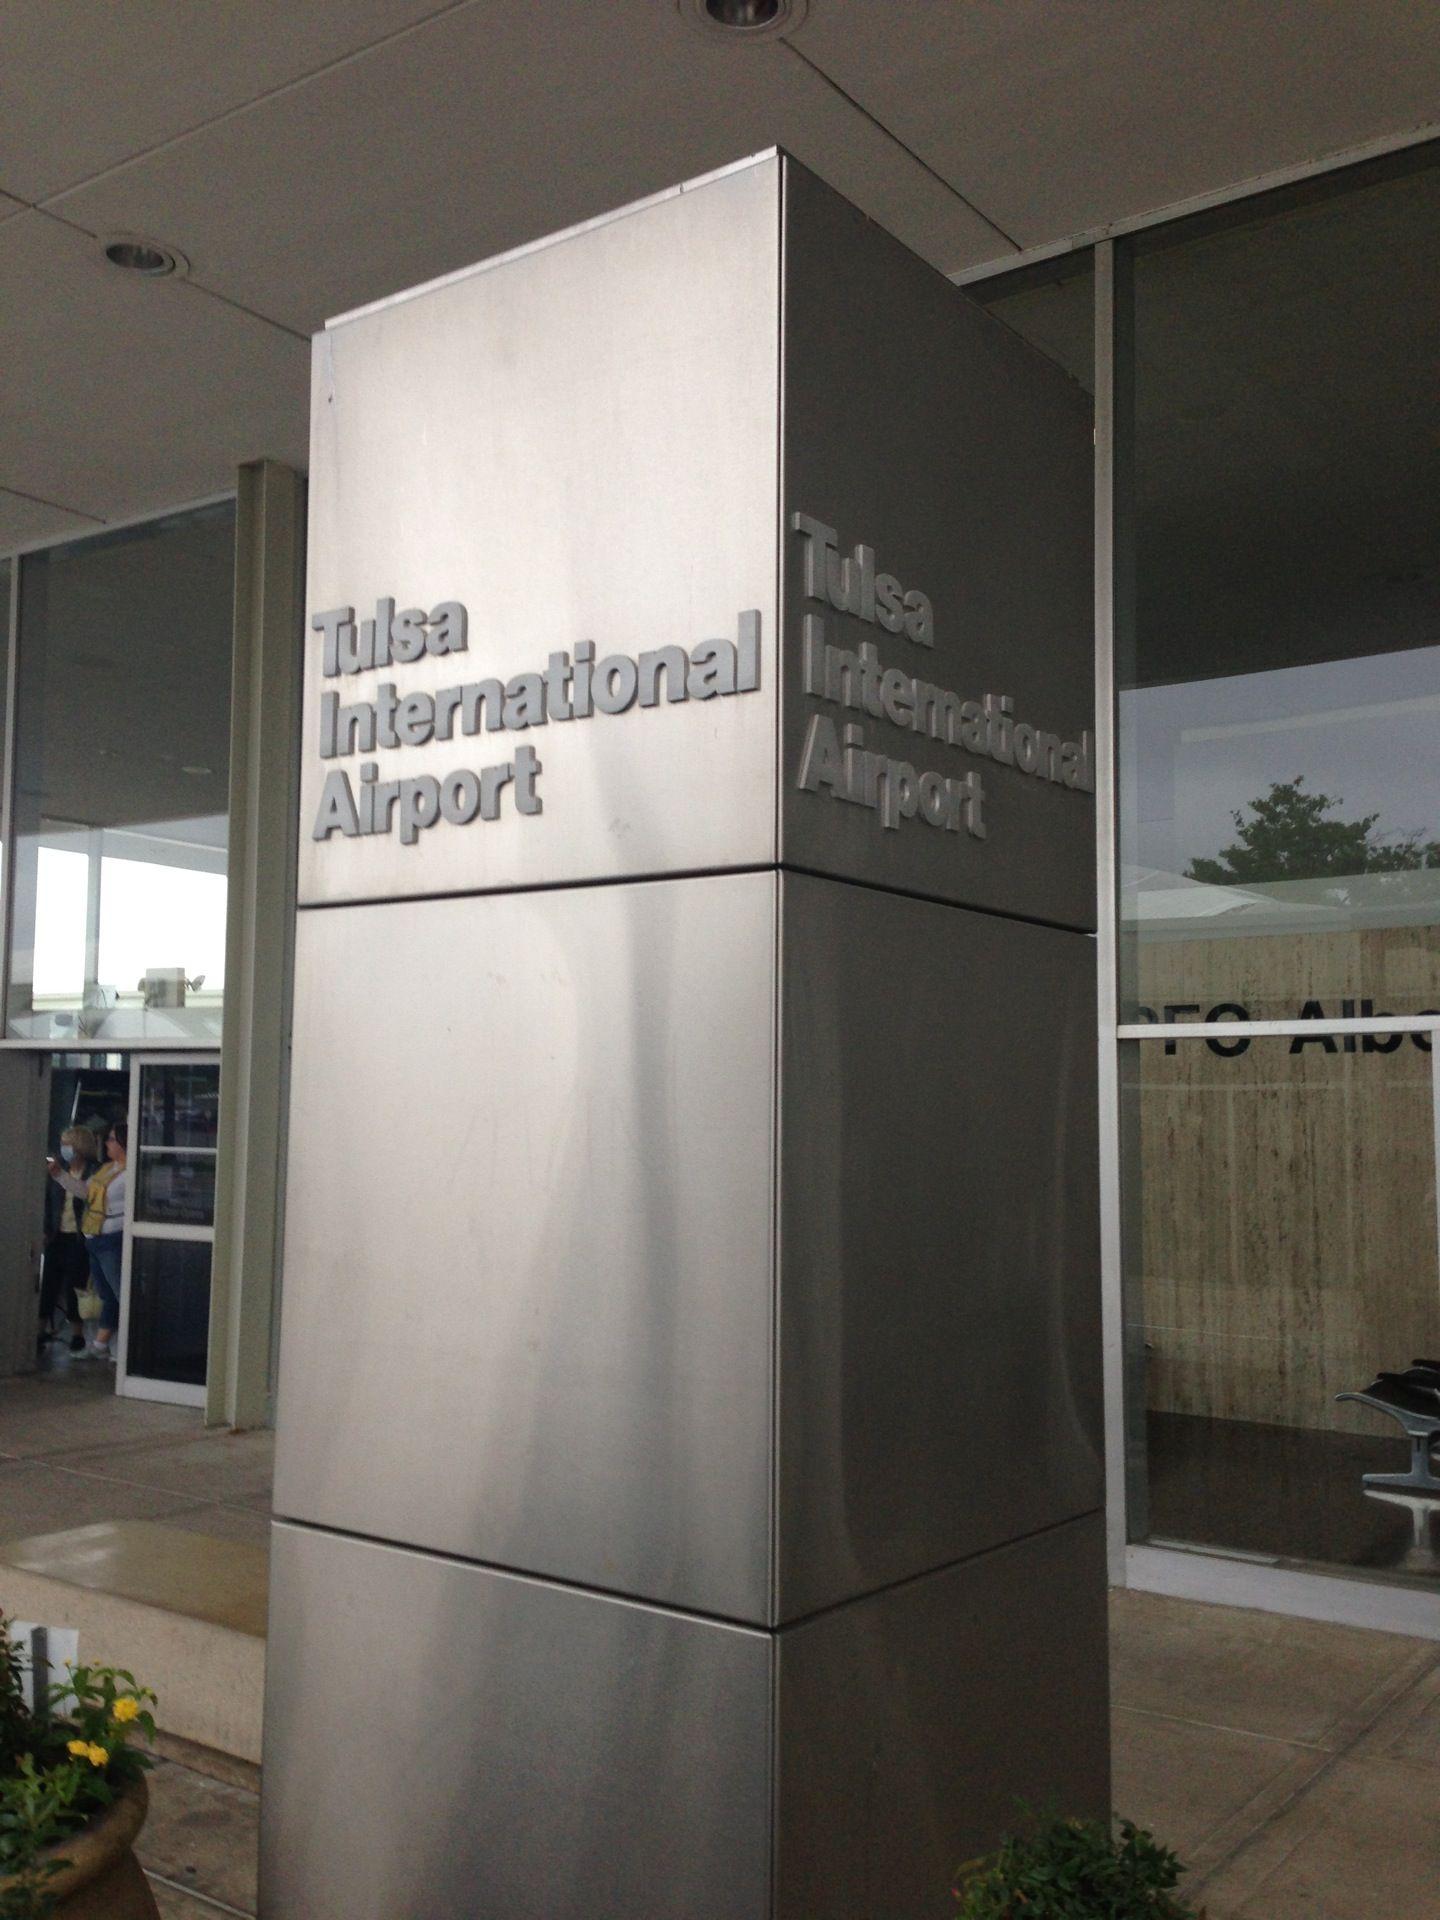 Tulsa International Airport (TUL) in Tulsa, OK Tulsa